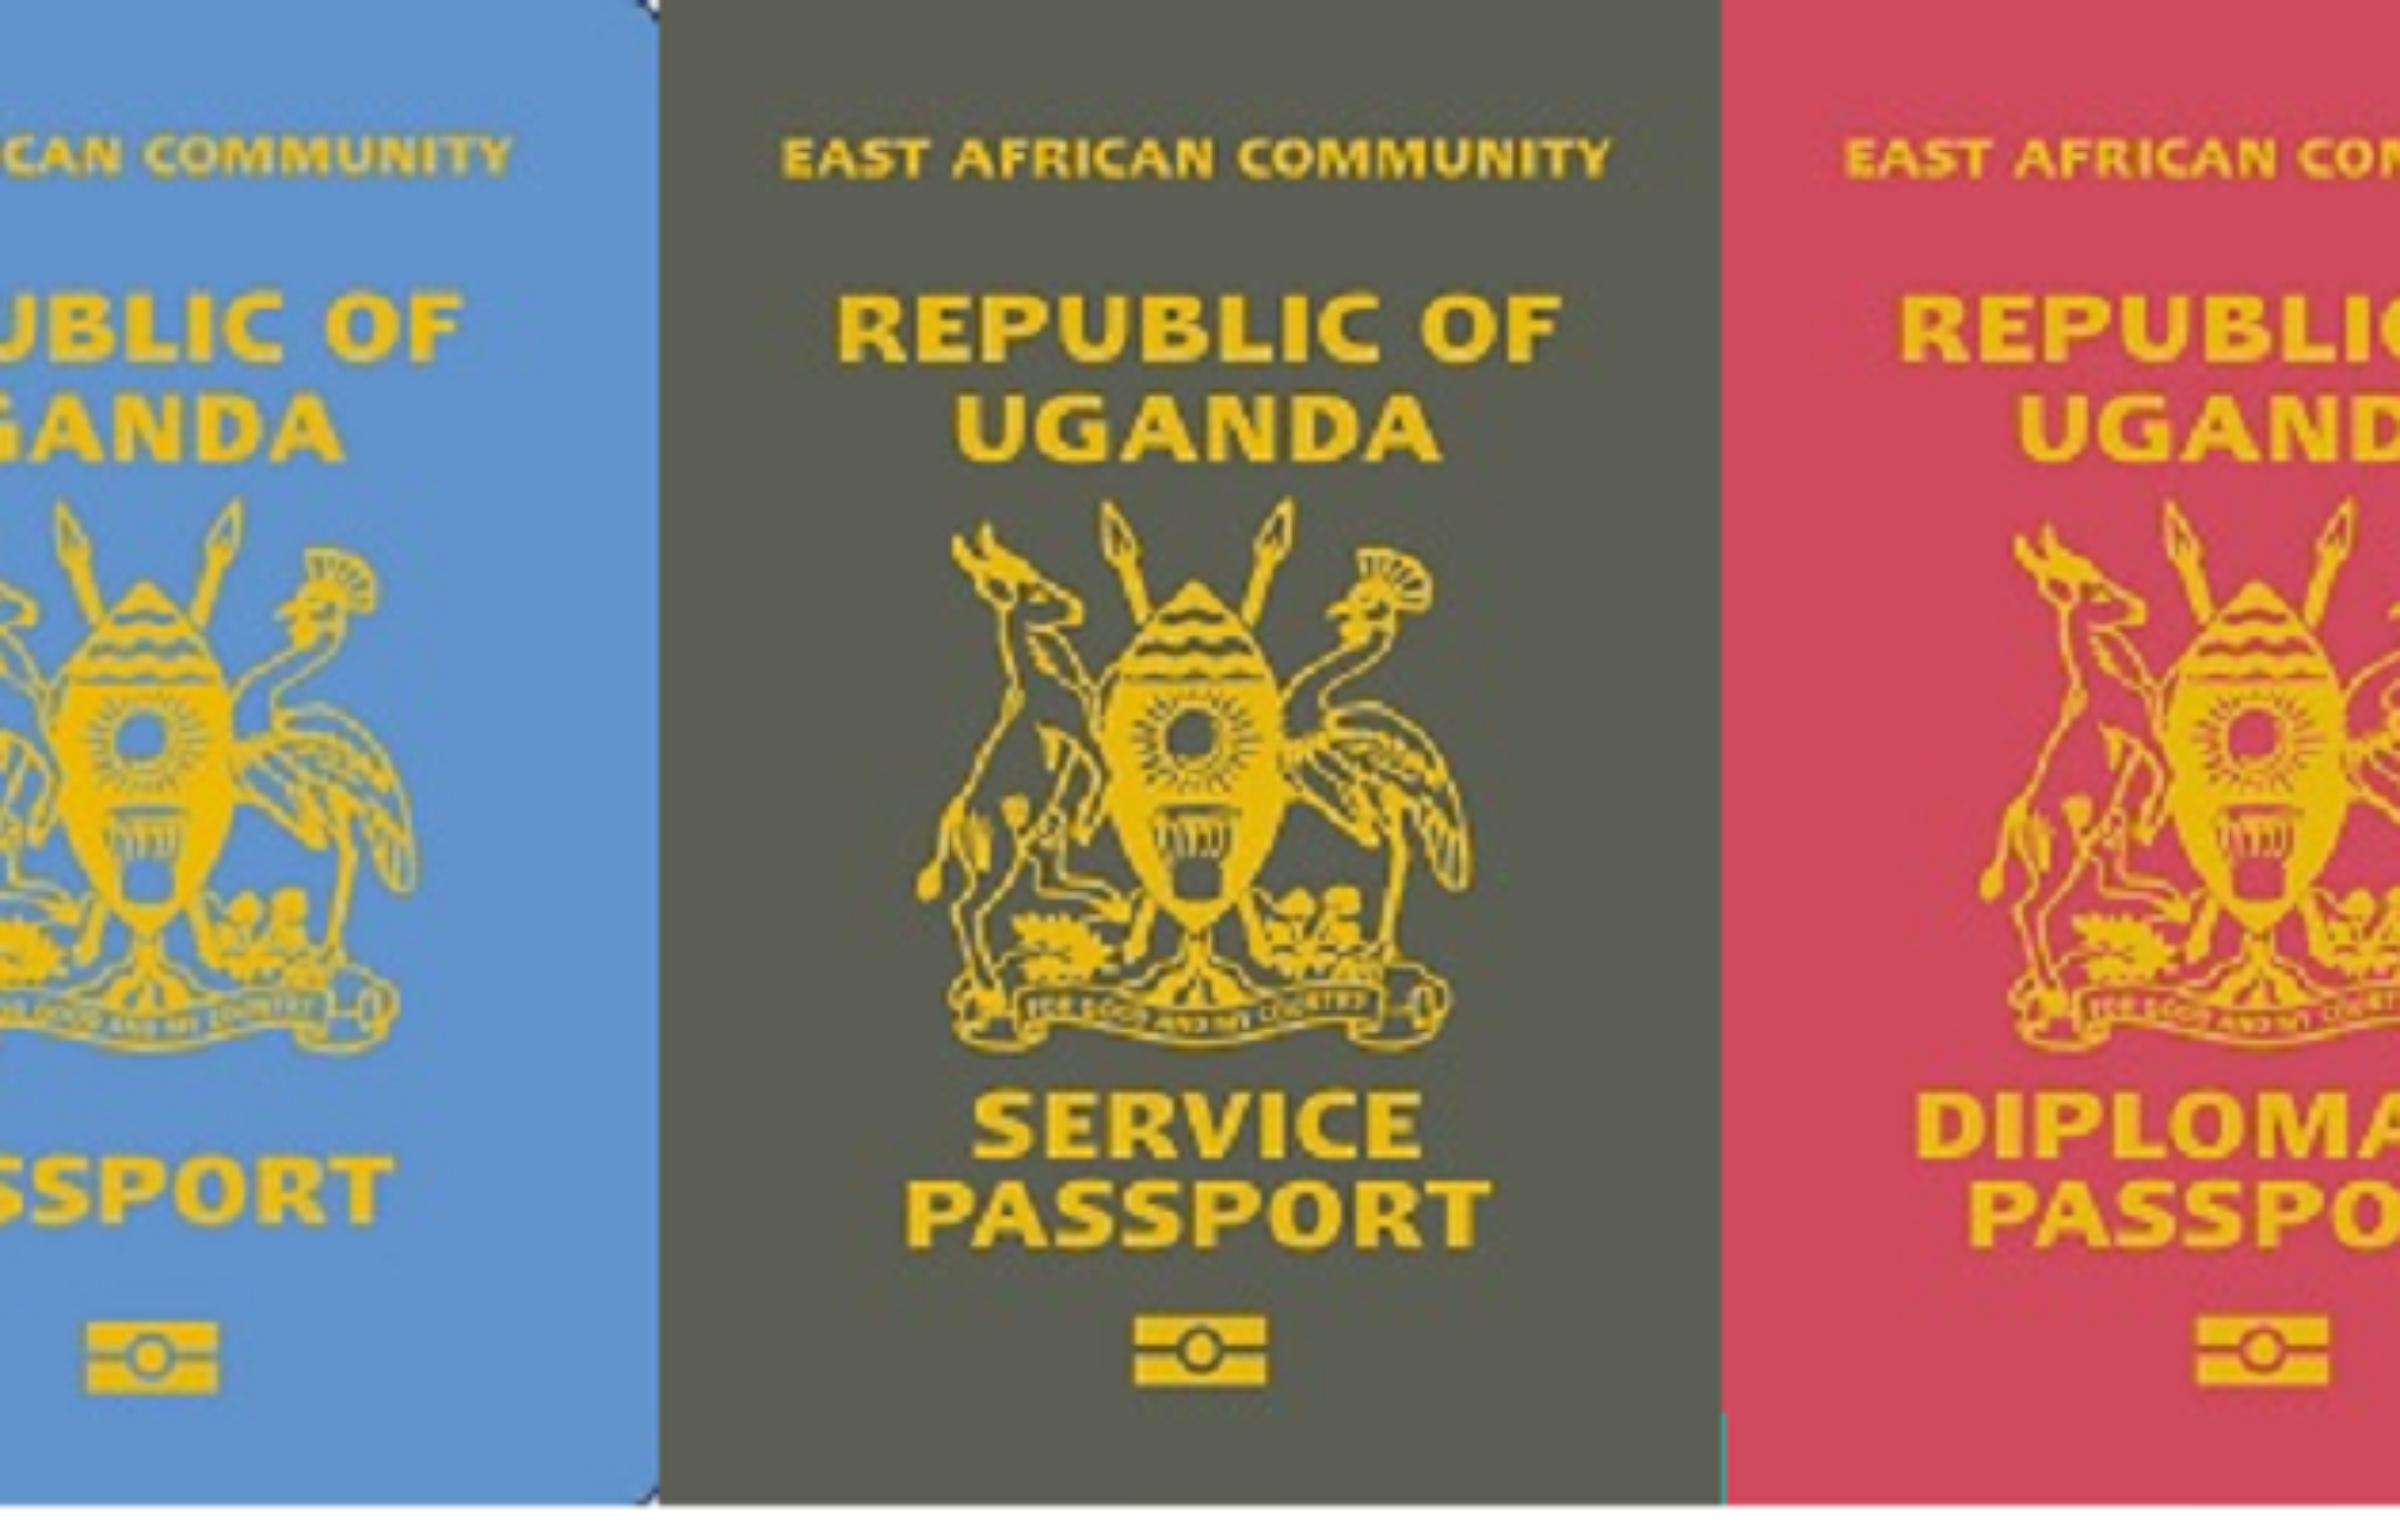 How to Get a Passport e-Passport in Uganda 2020 Online